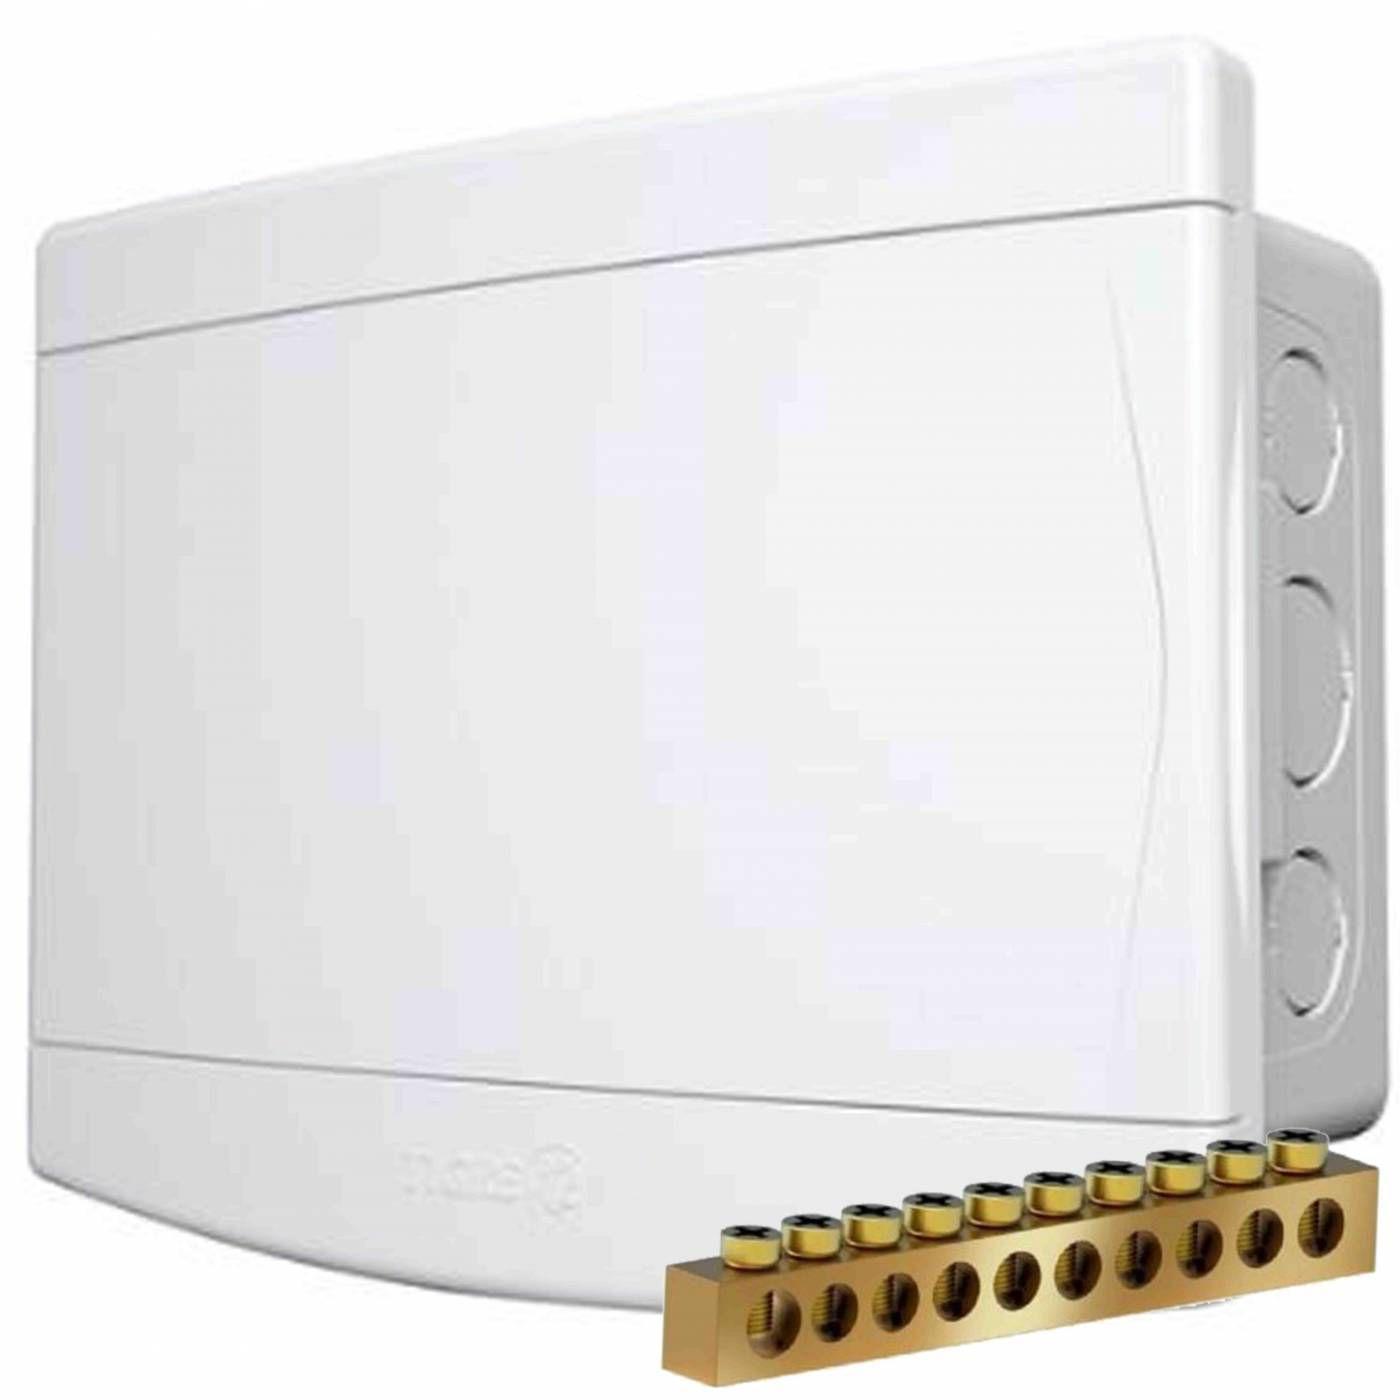 Caixa 6 Disjuntores Nema ou 8 Din de Embutir PVC Com Barramento - Tigre